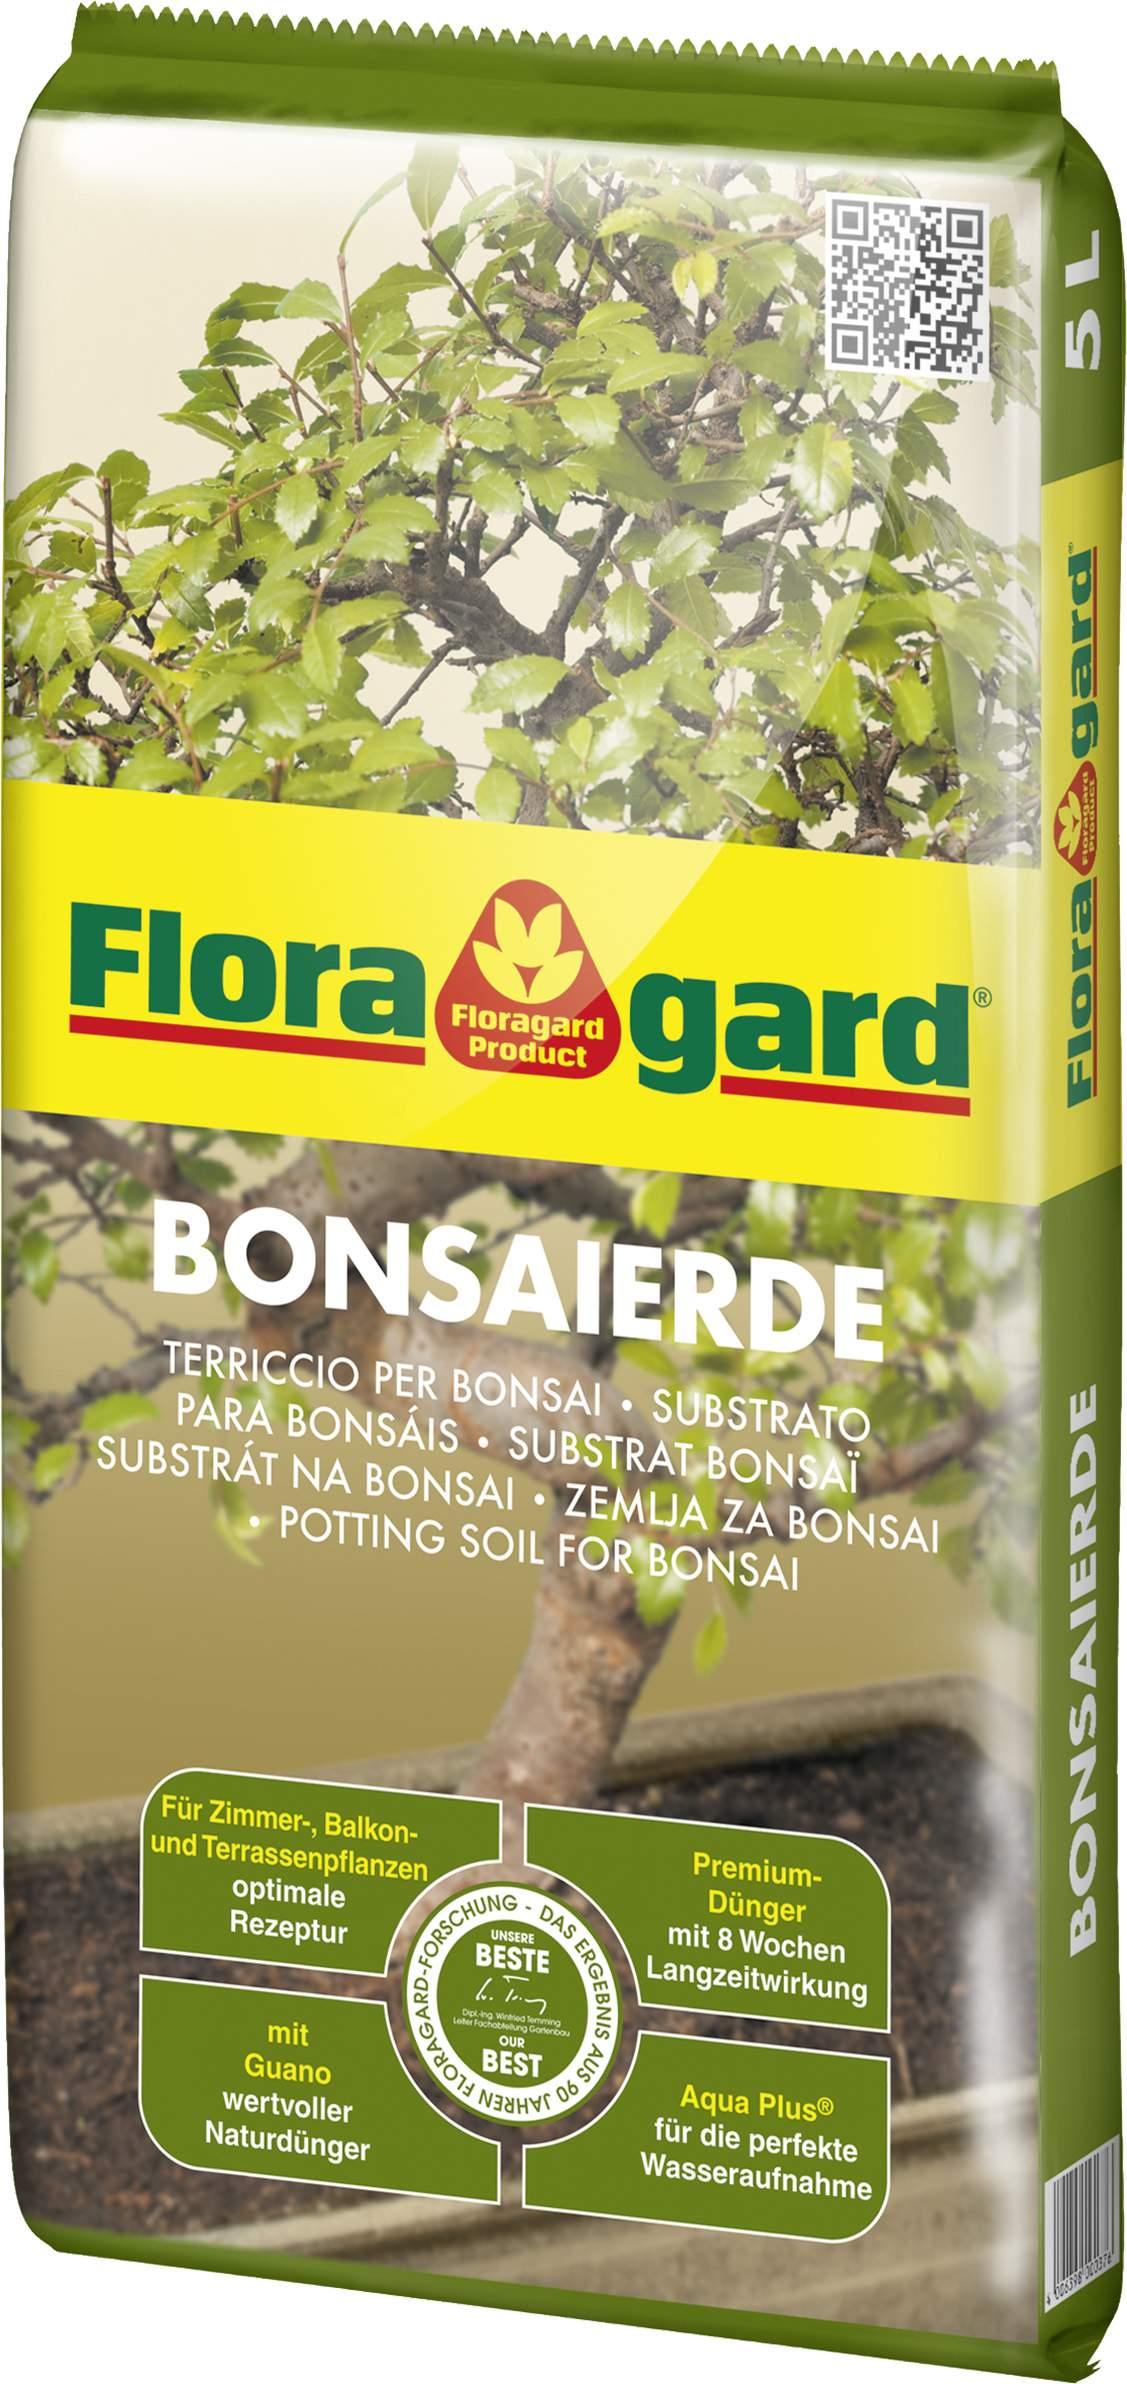 Brunnen Garten Selber Bauen Reizend Floragard Bonsaierde 5l